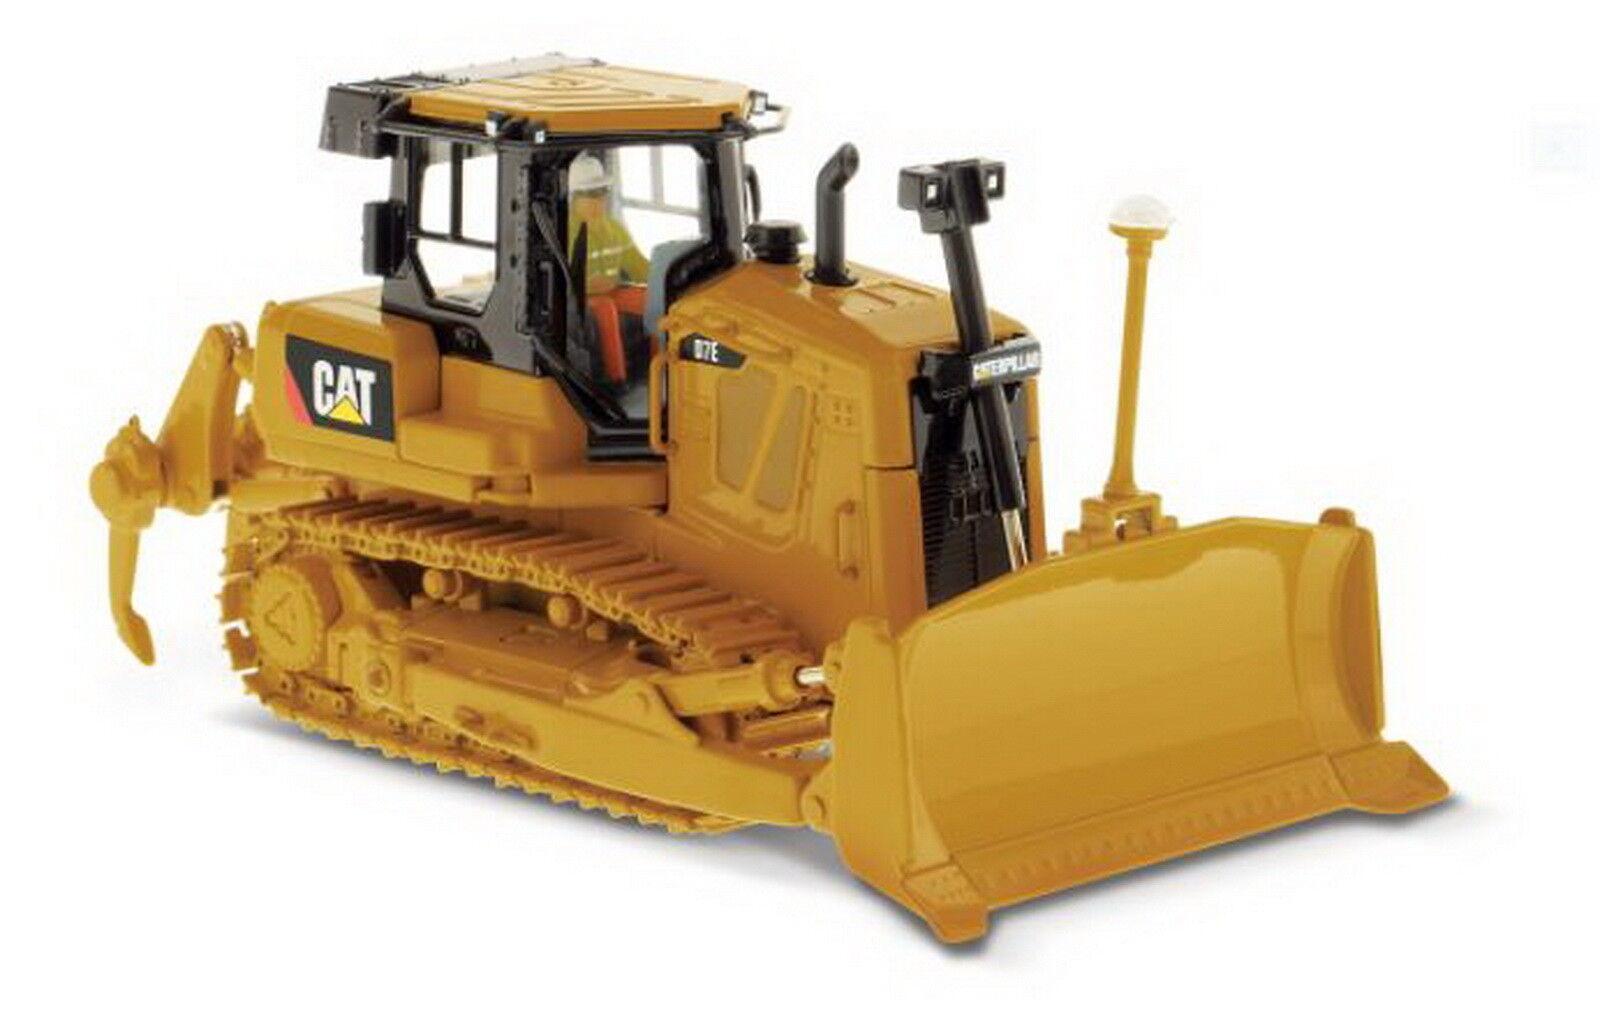 Los mejores precios y los estilos más frescos. 1 50 DM Caterpillar Caterpillar Caterpillar Cat D7E Track-Type Tractor Diecast Model  85224  bajo precio